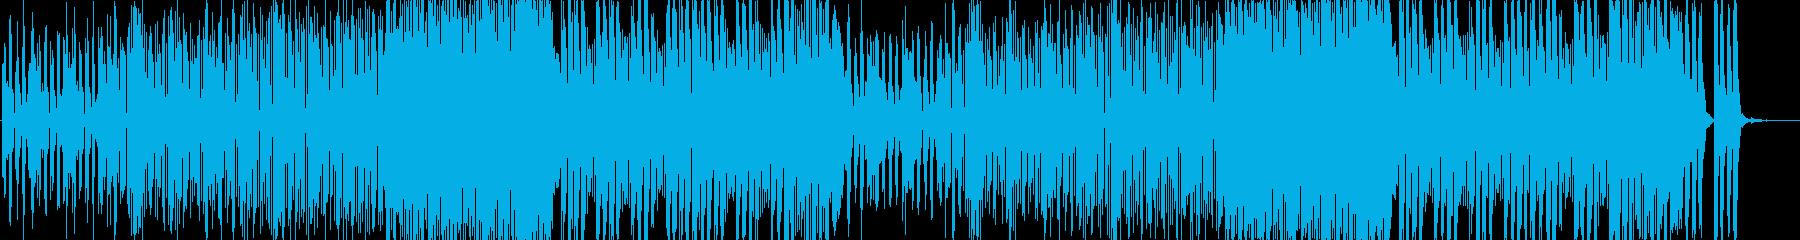 おしゃれ系フューチャーベース の再生済みの波形